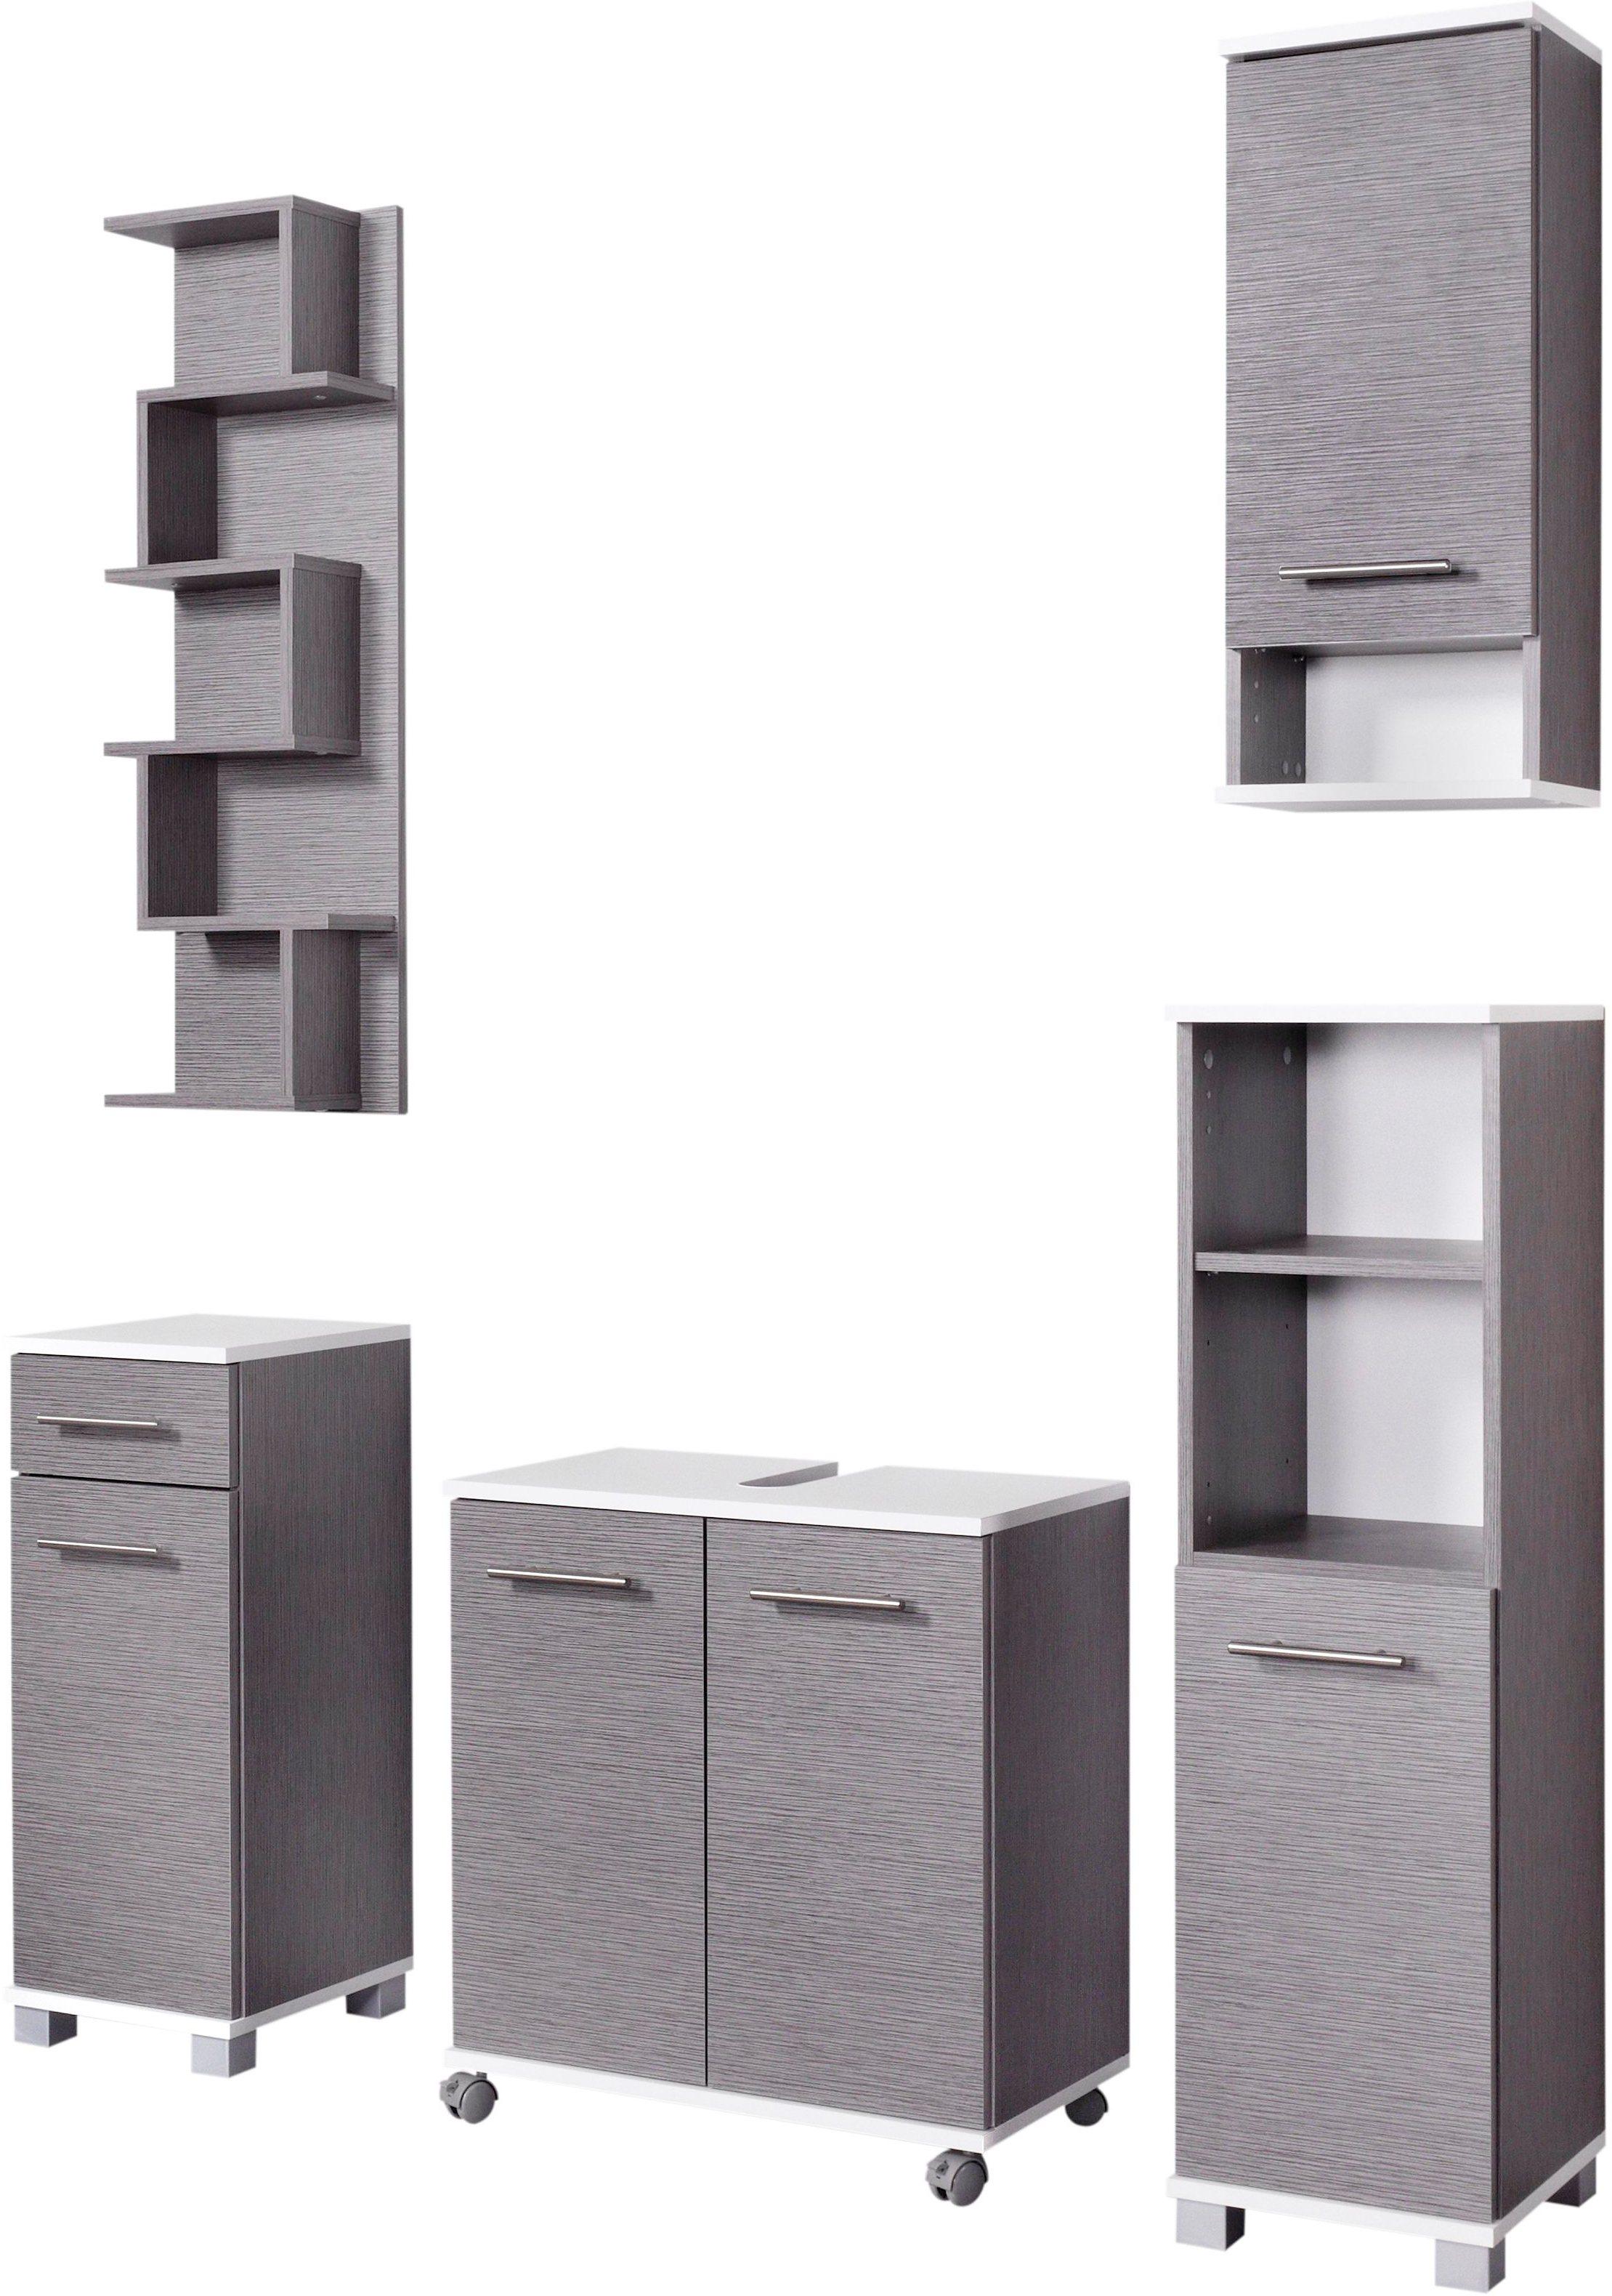 Badmöbel-Set »Rhodos«, Schildmeyer (5-tlg.), mit Metallgriffen | Bad > Badmöbel > Badmöbel-Sets | Weiß - Glanz | Melamin | Schildmeyer